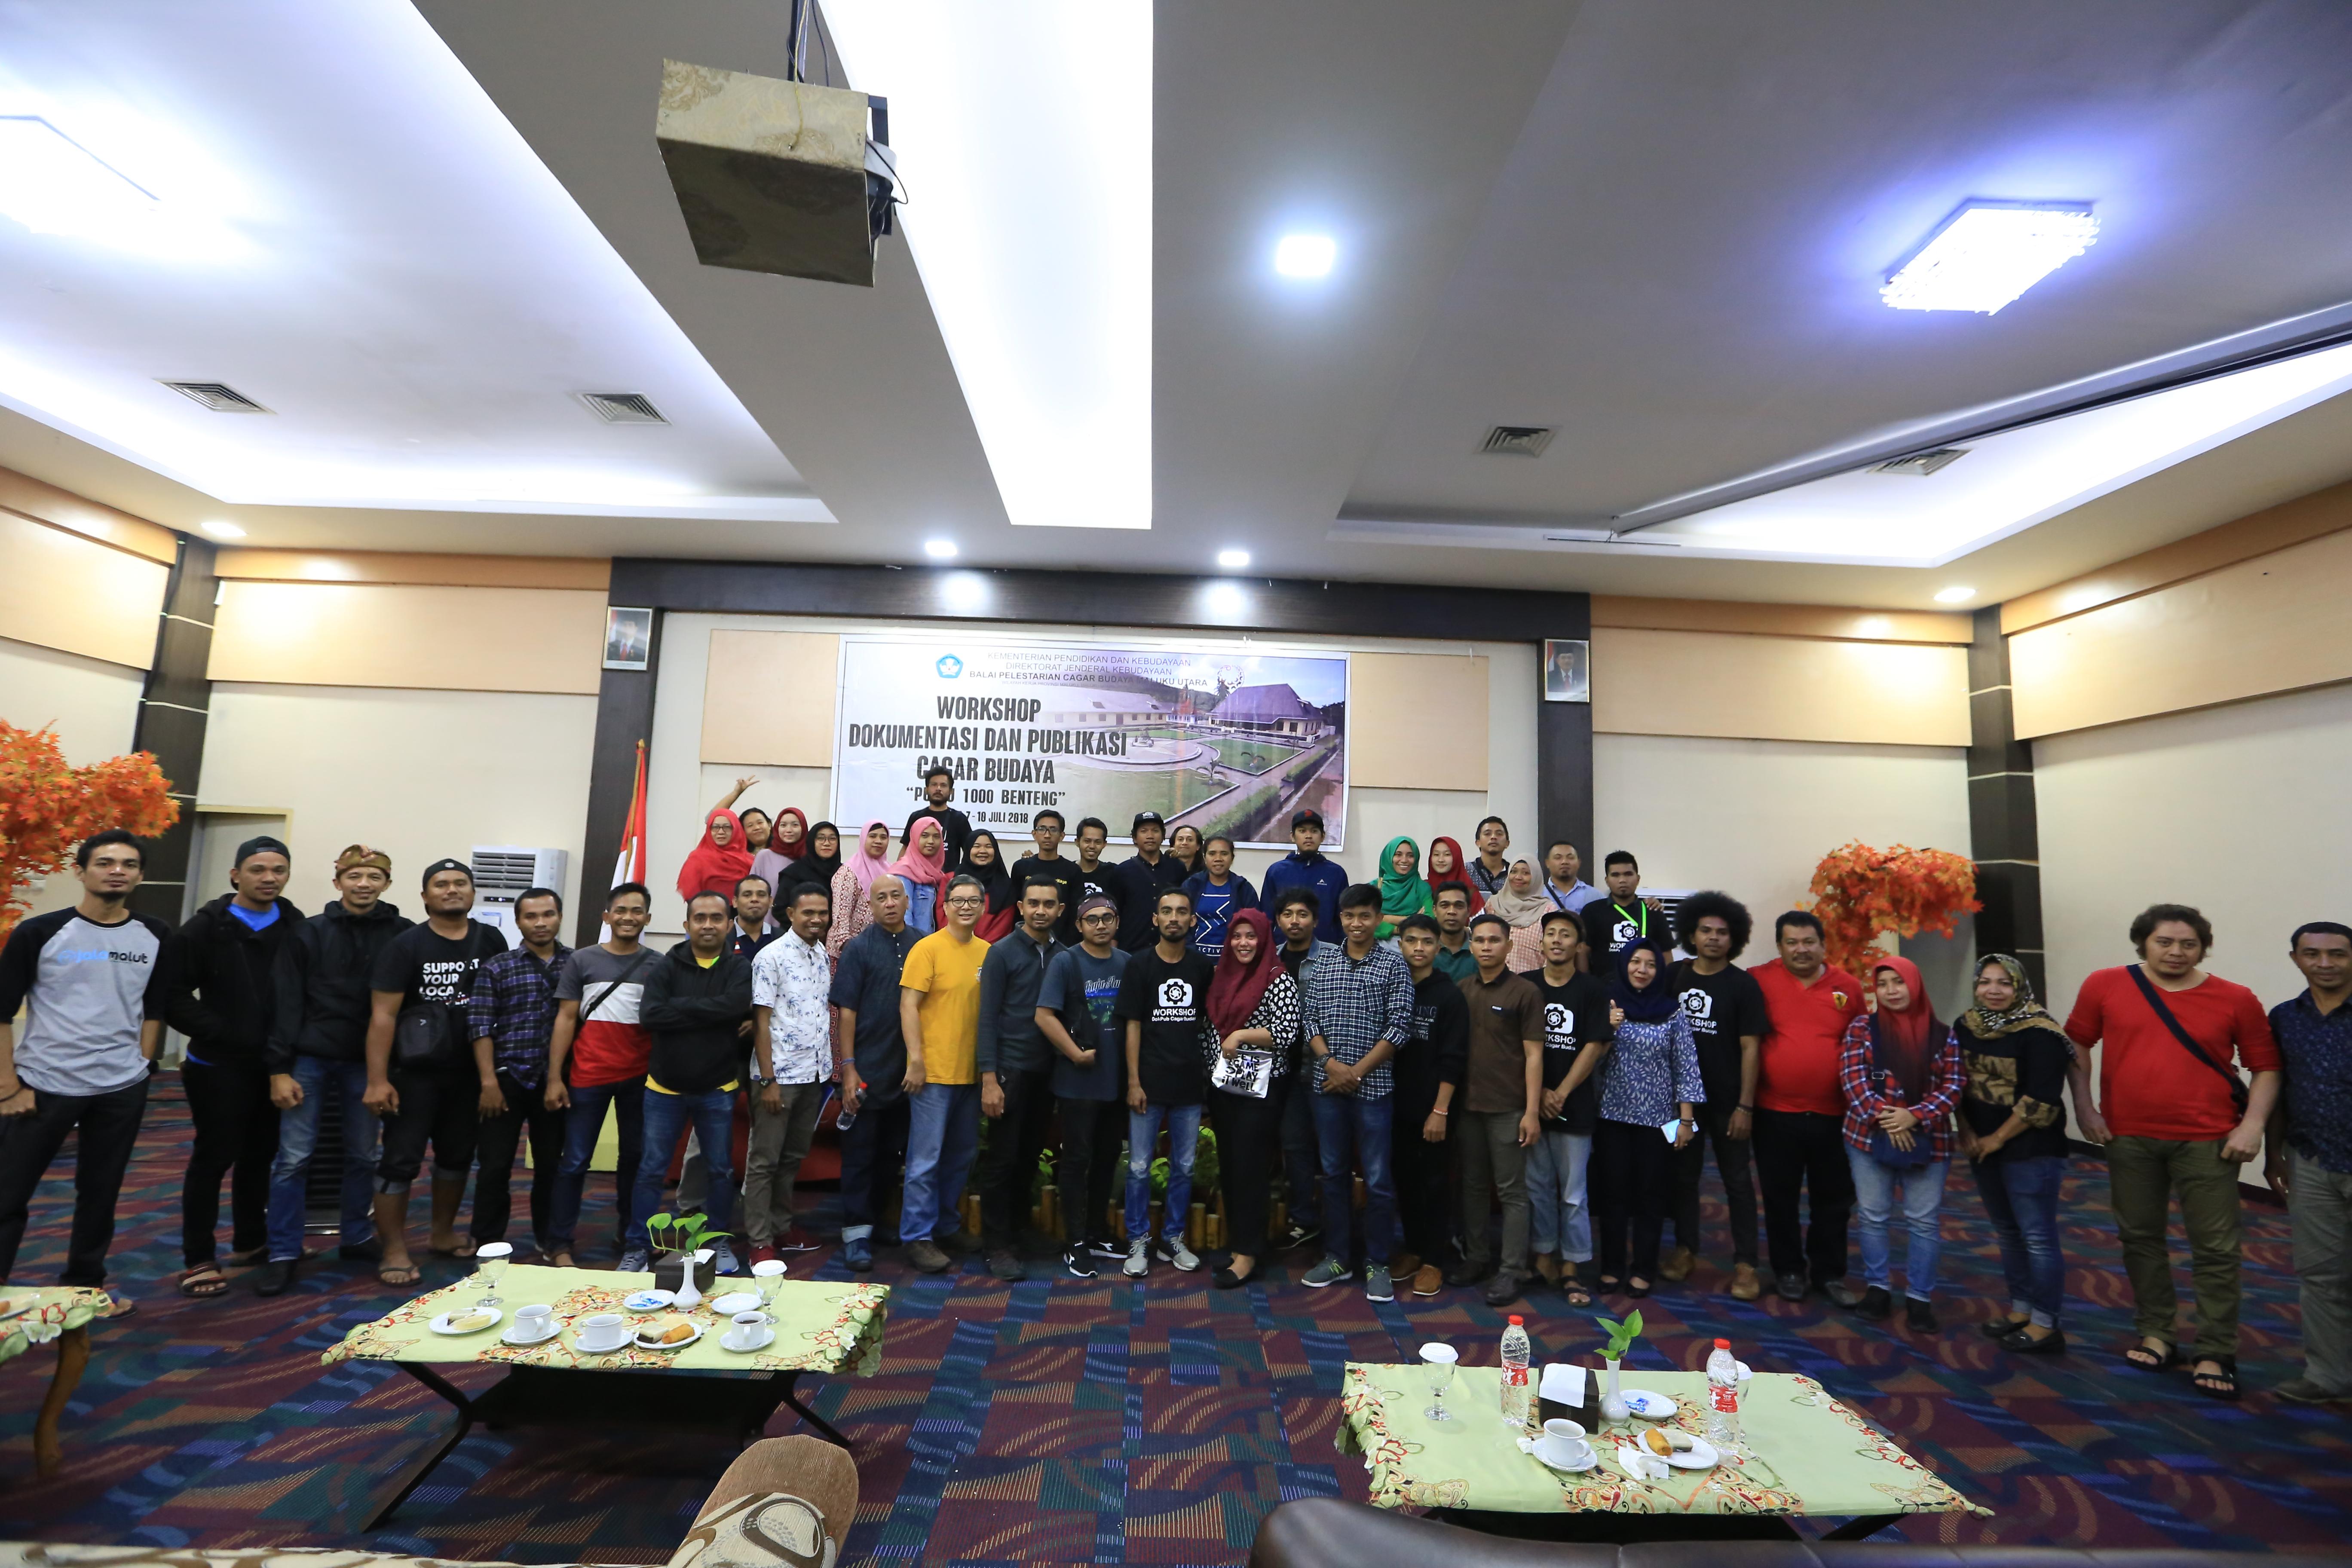 Workshop Publikasi dan Dokumentasi Cagar Budaya